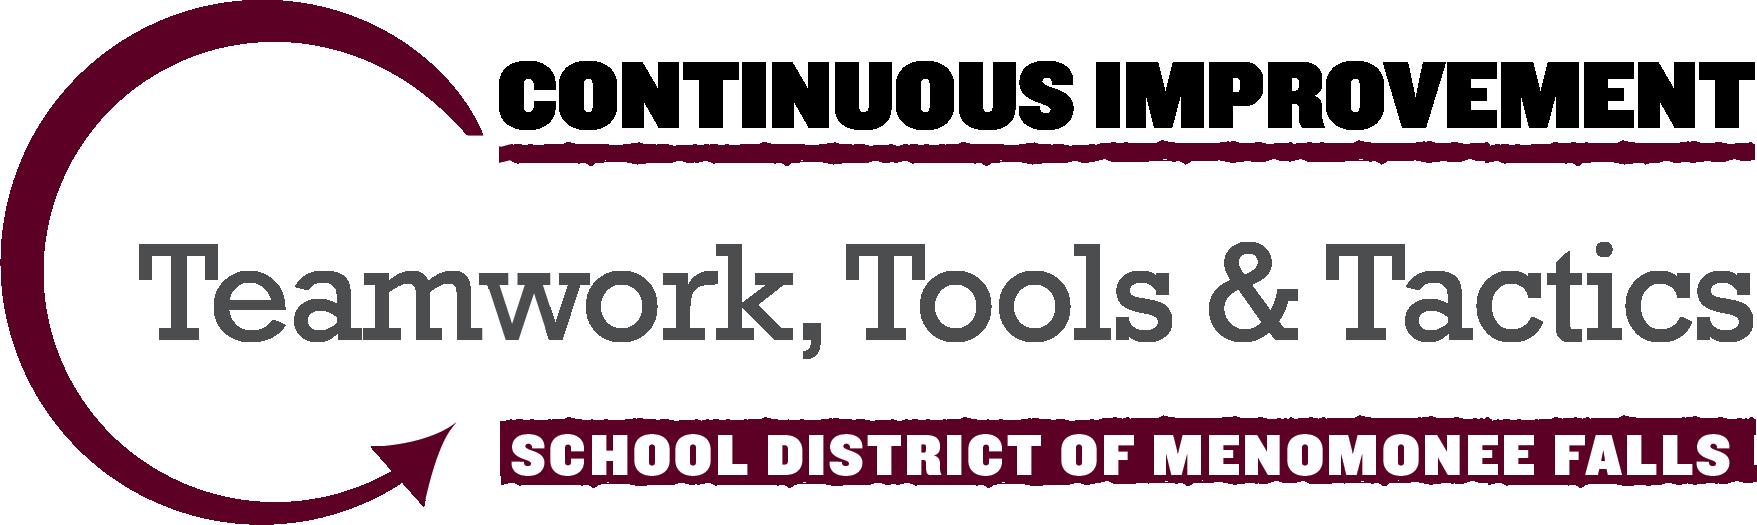 CI_Teamwork, Tools & Tactics_Logo.png